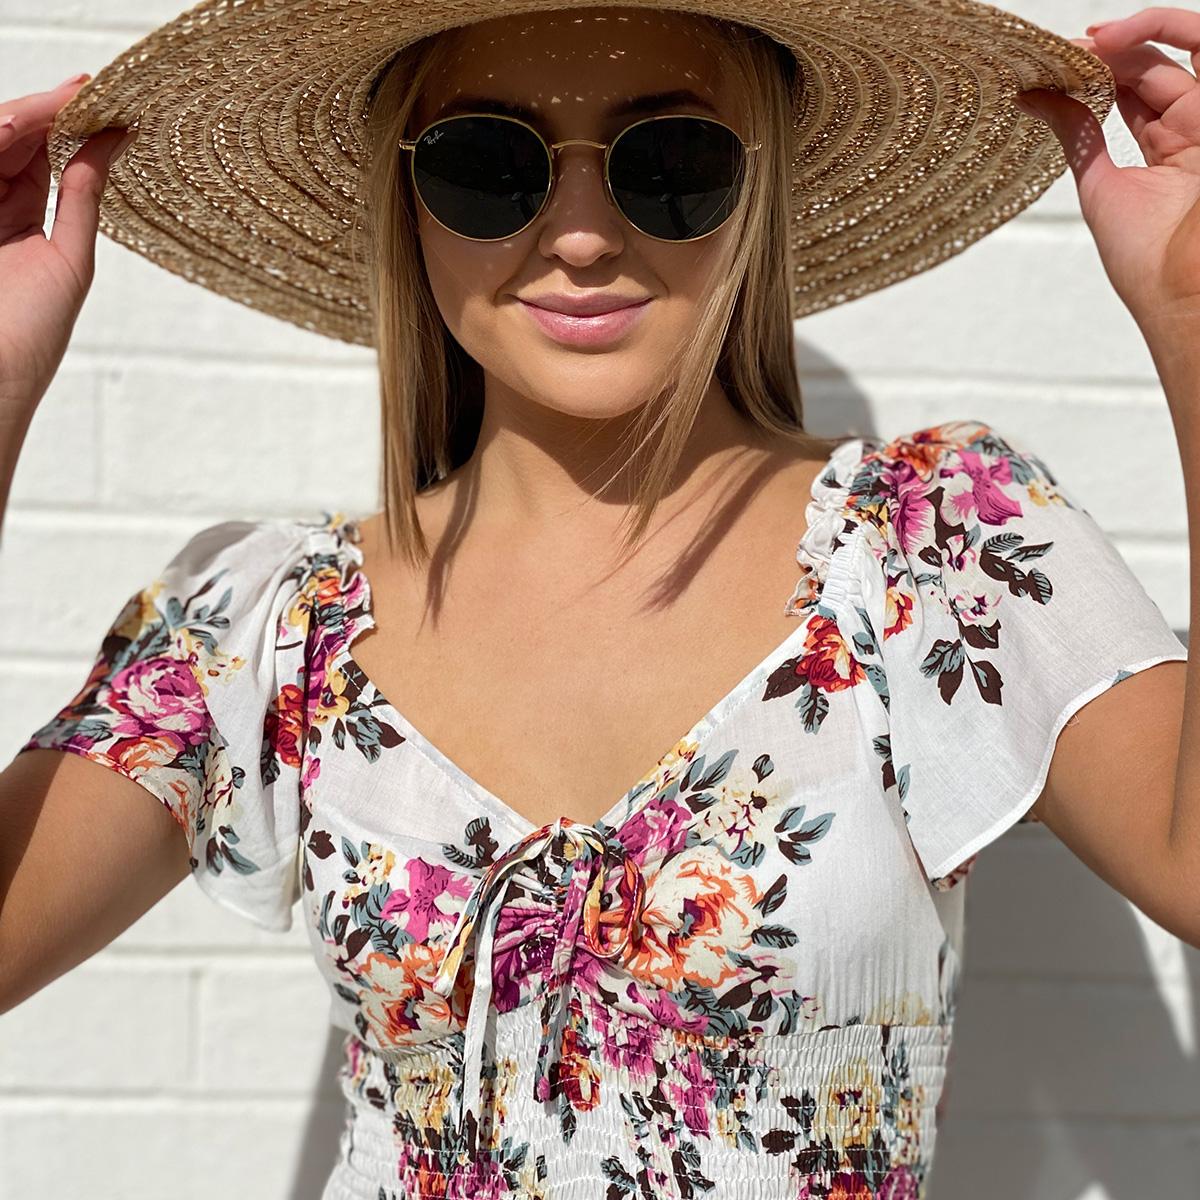 Most Clothing | Fashion Estb #mostclothing #womensclothing #fashion